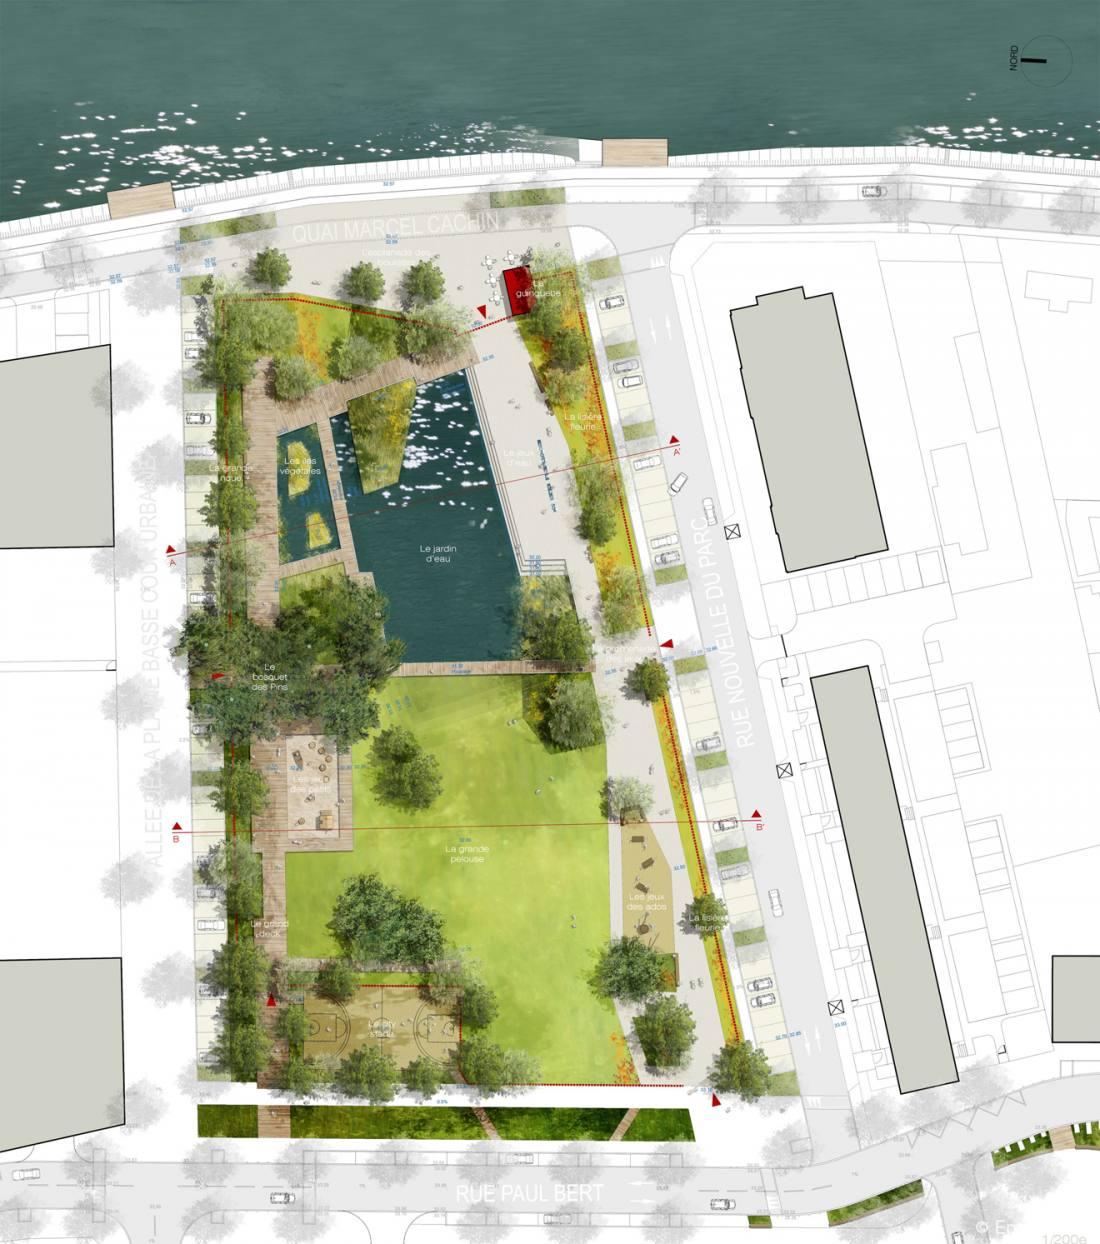 Parc du bord de l eau empreinte bureau de paysages for Agence empreinte paysage